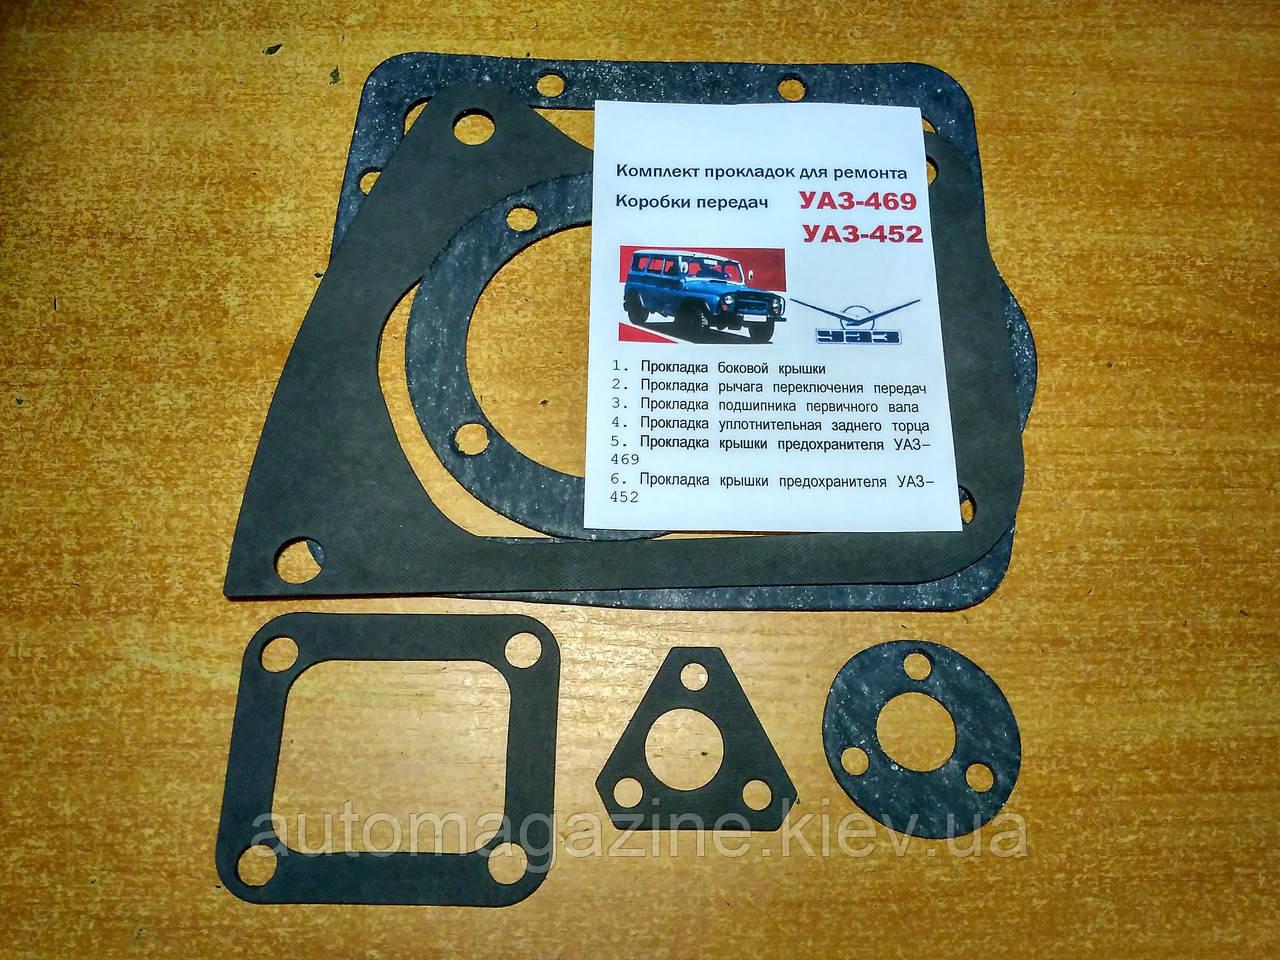 Прокладки для ремонту КПП УАЗ 469, 452 (комплект)